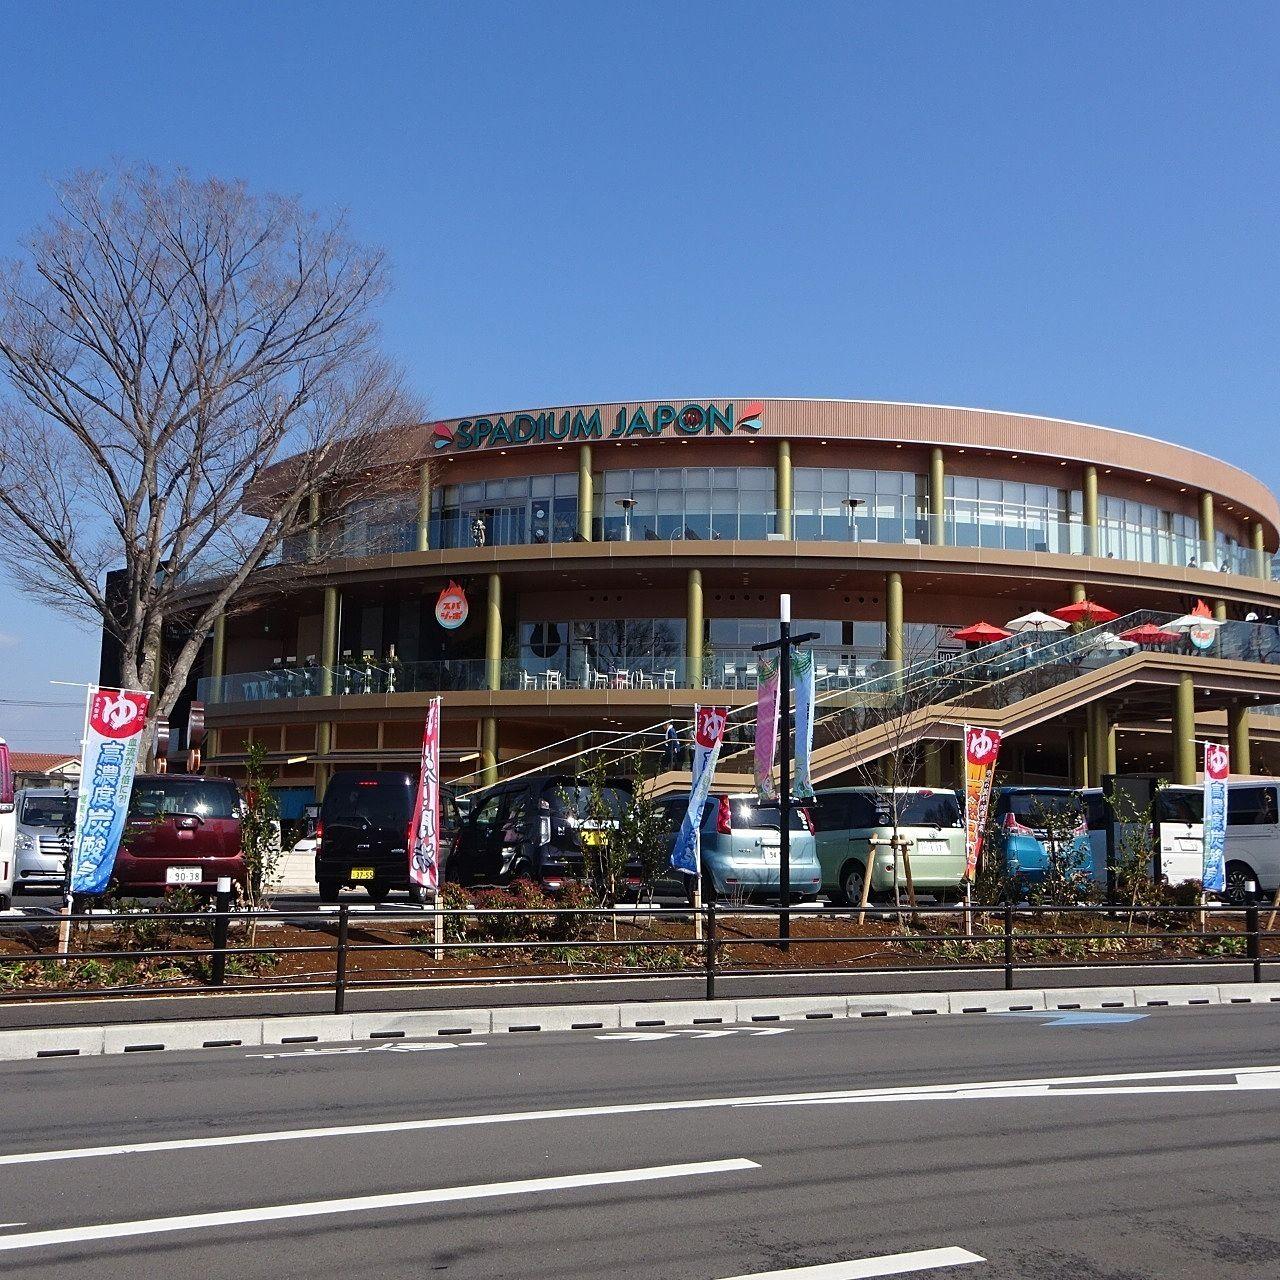 関東最大規模のスーパー銭湯もすぐちかく